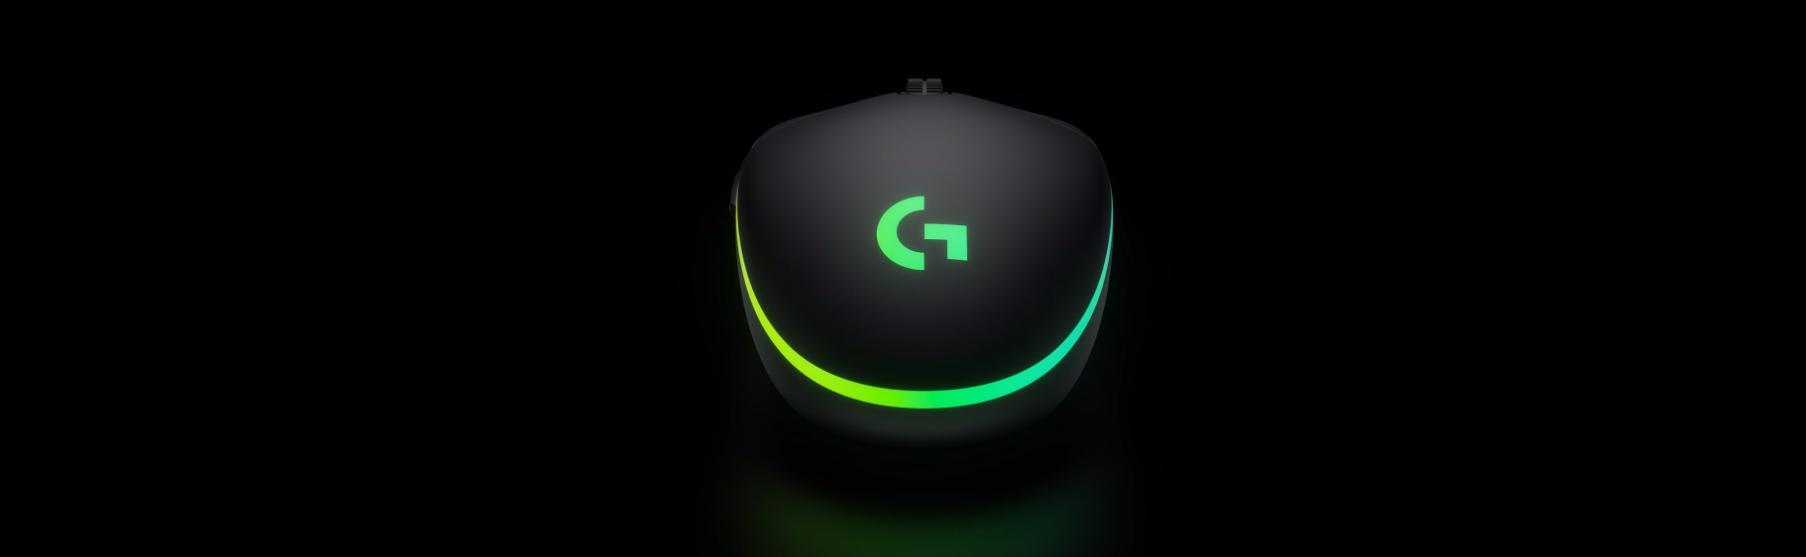 Mouse Logitech G102 Lightsync RGB Black  bổ sung hiệu ứng Wave cho dải led